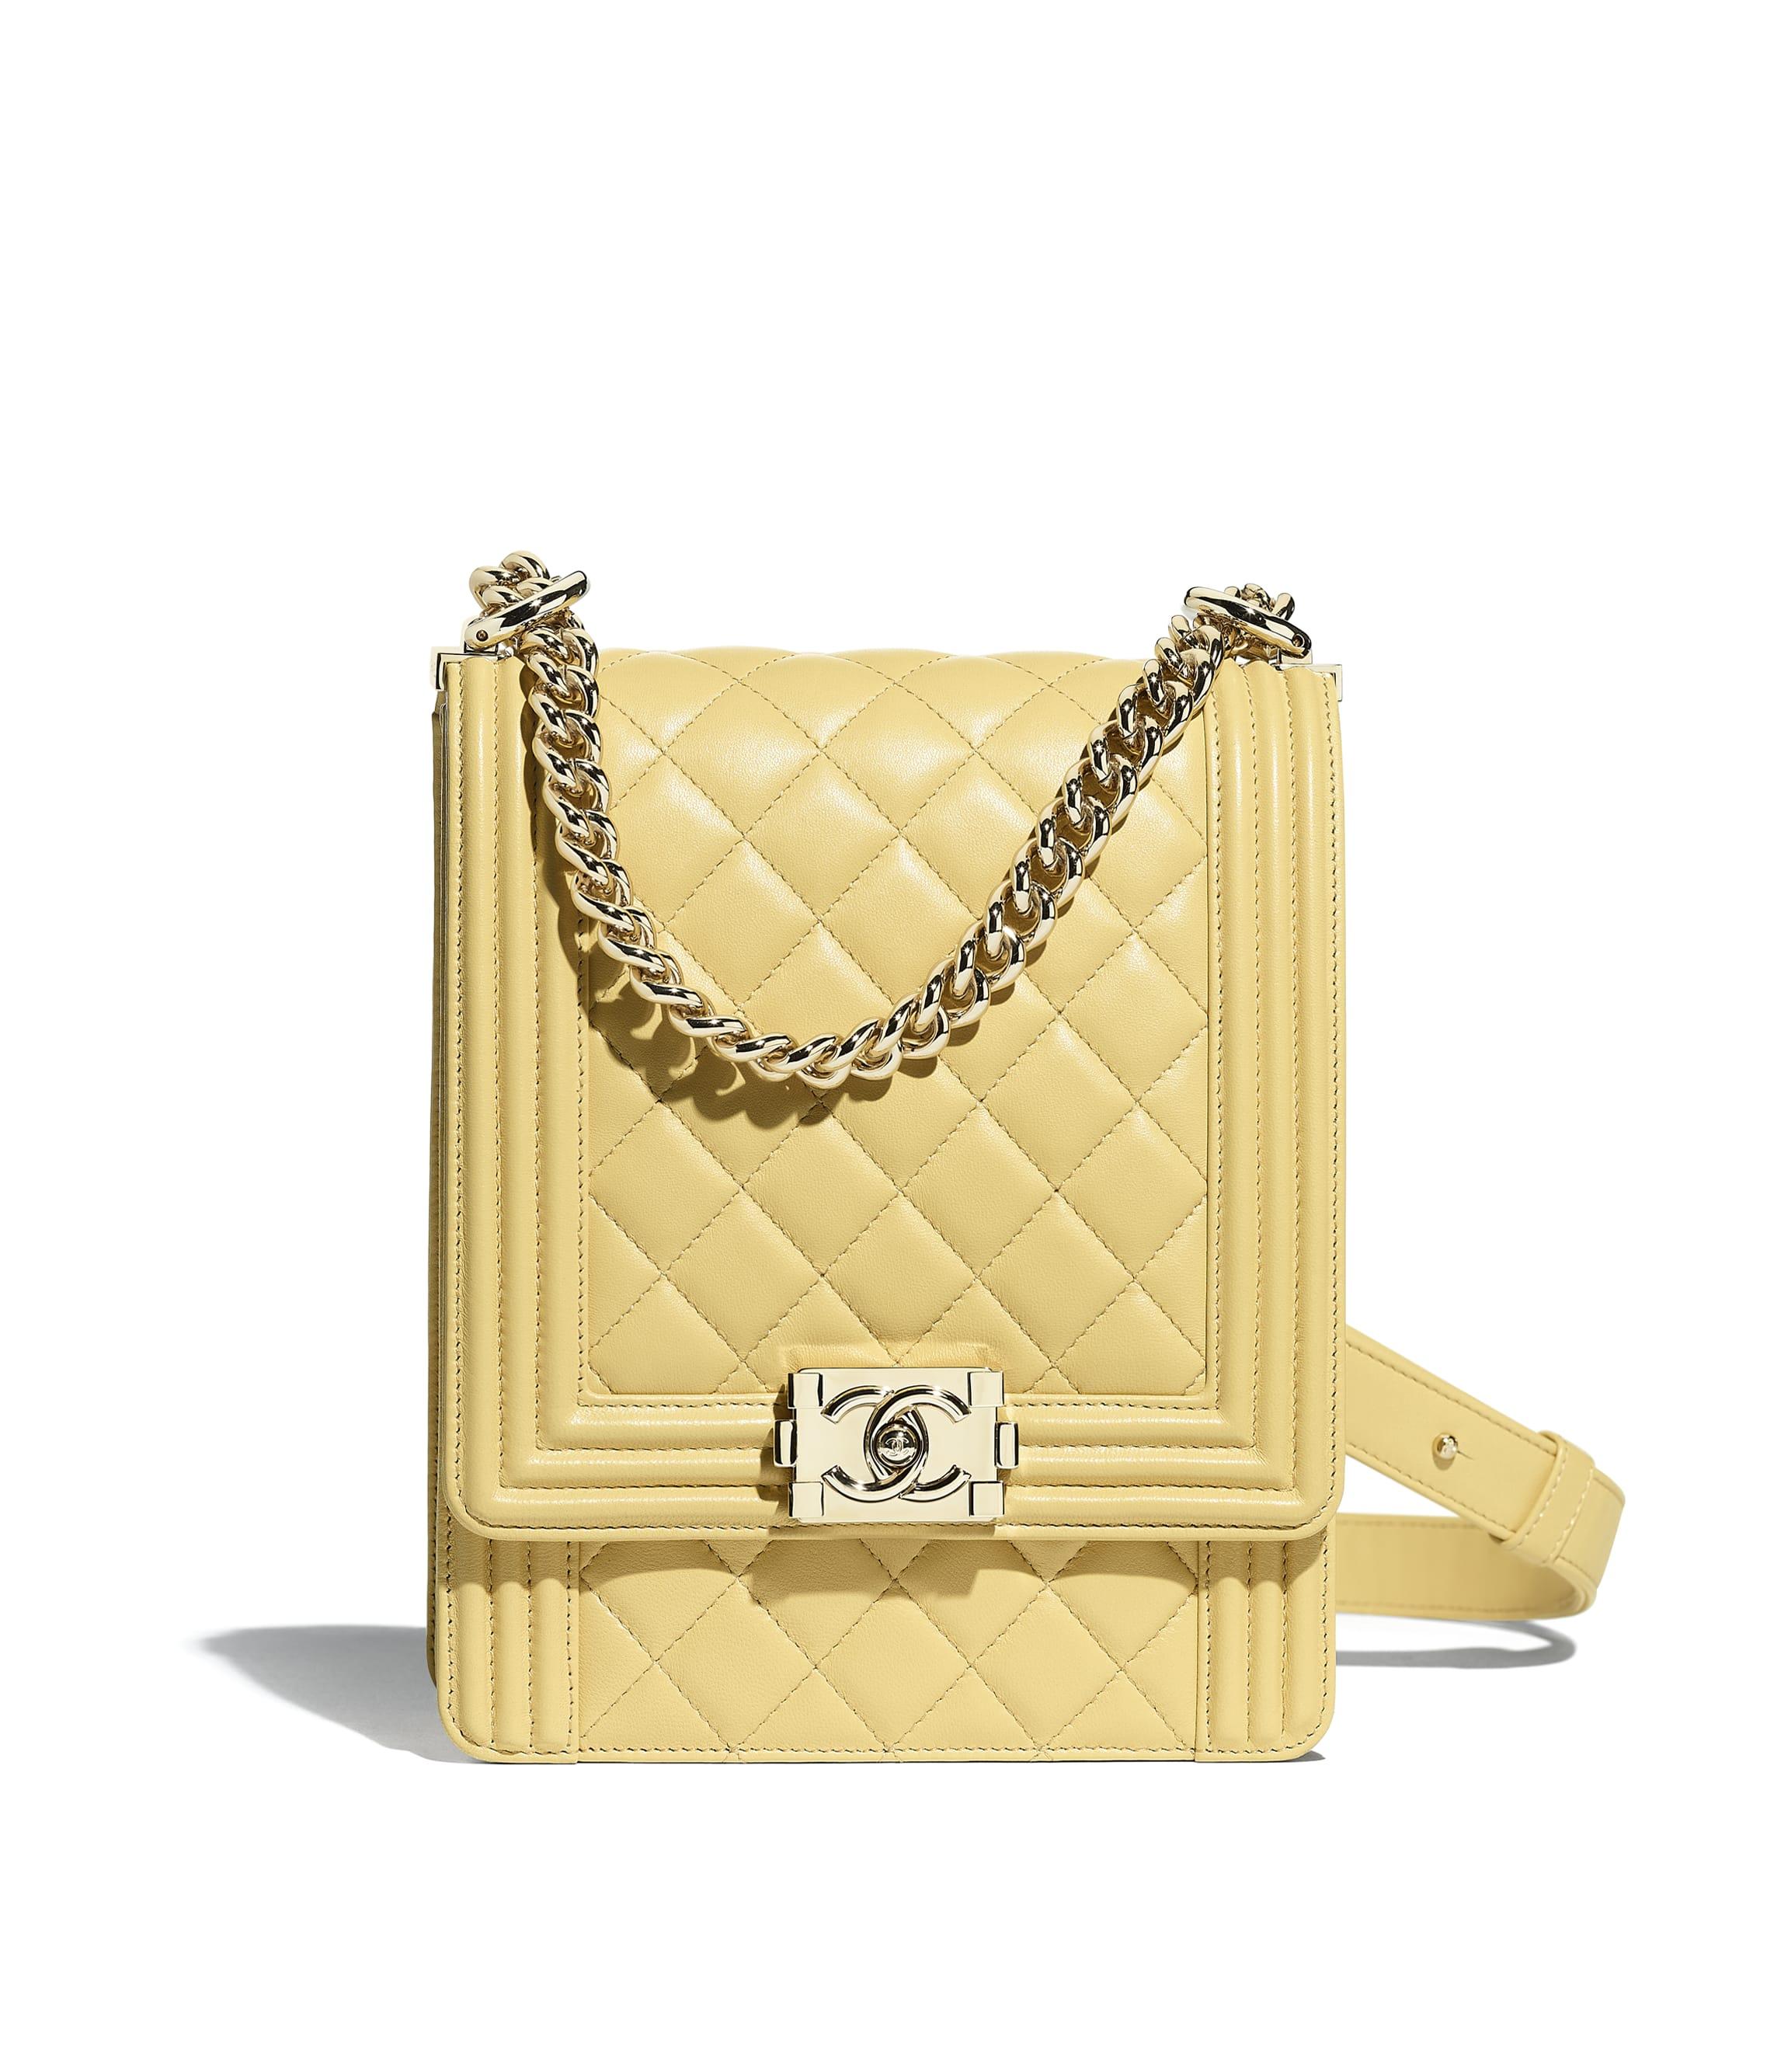 243c98769 Spring-Summer 2019 - Handbags - CHANEL